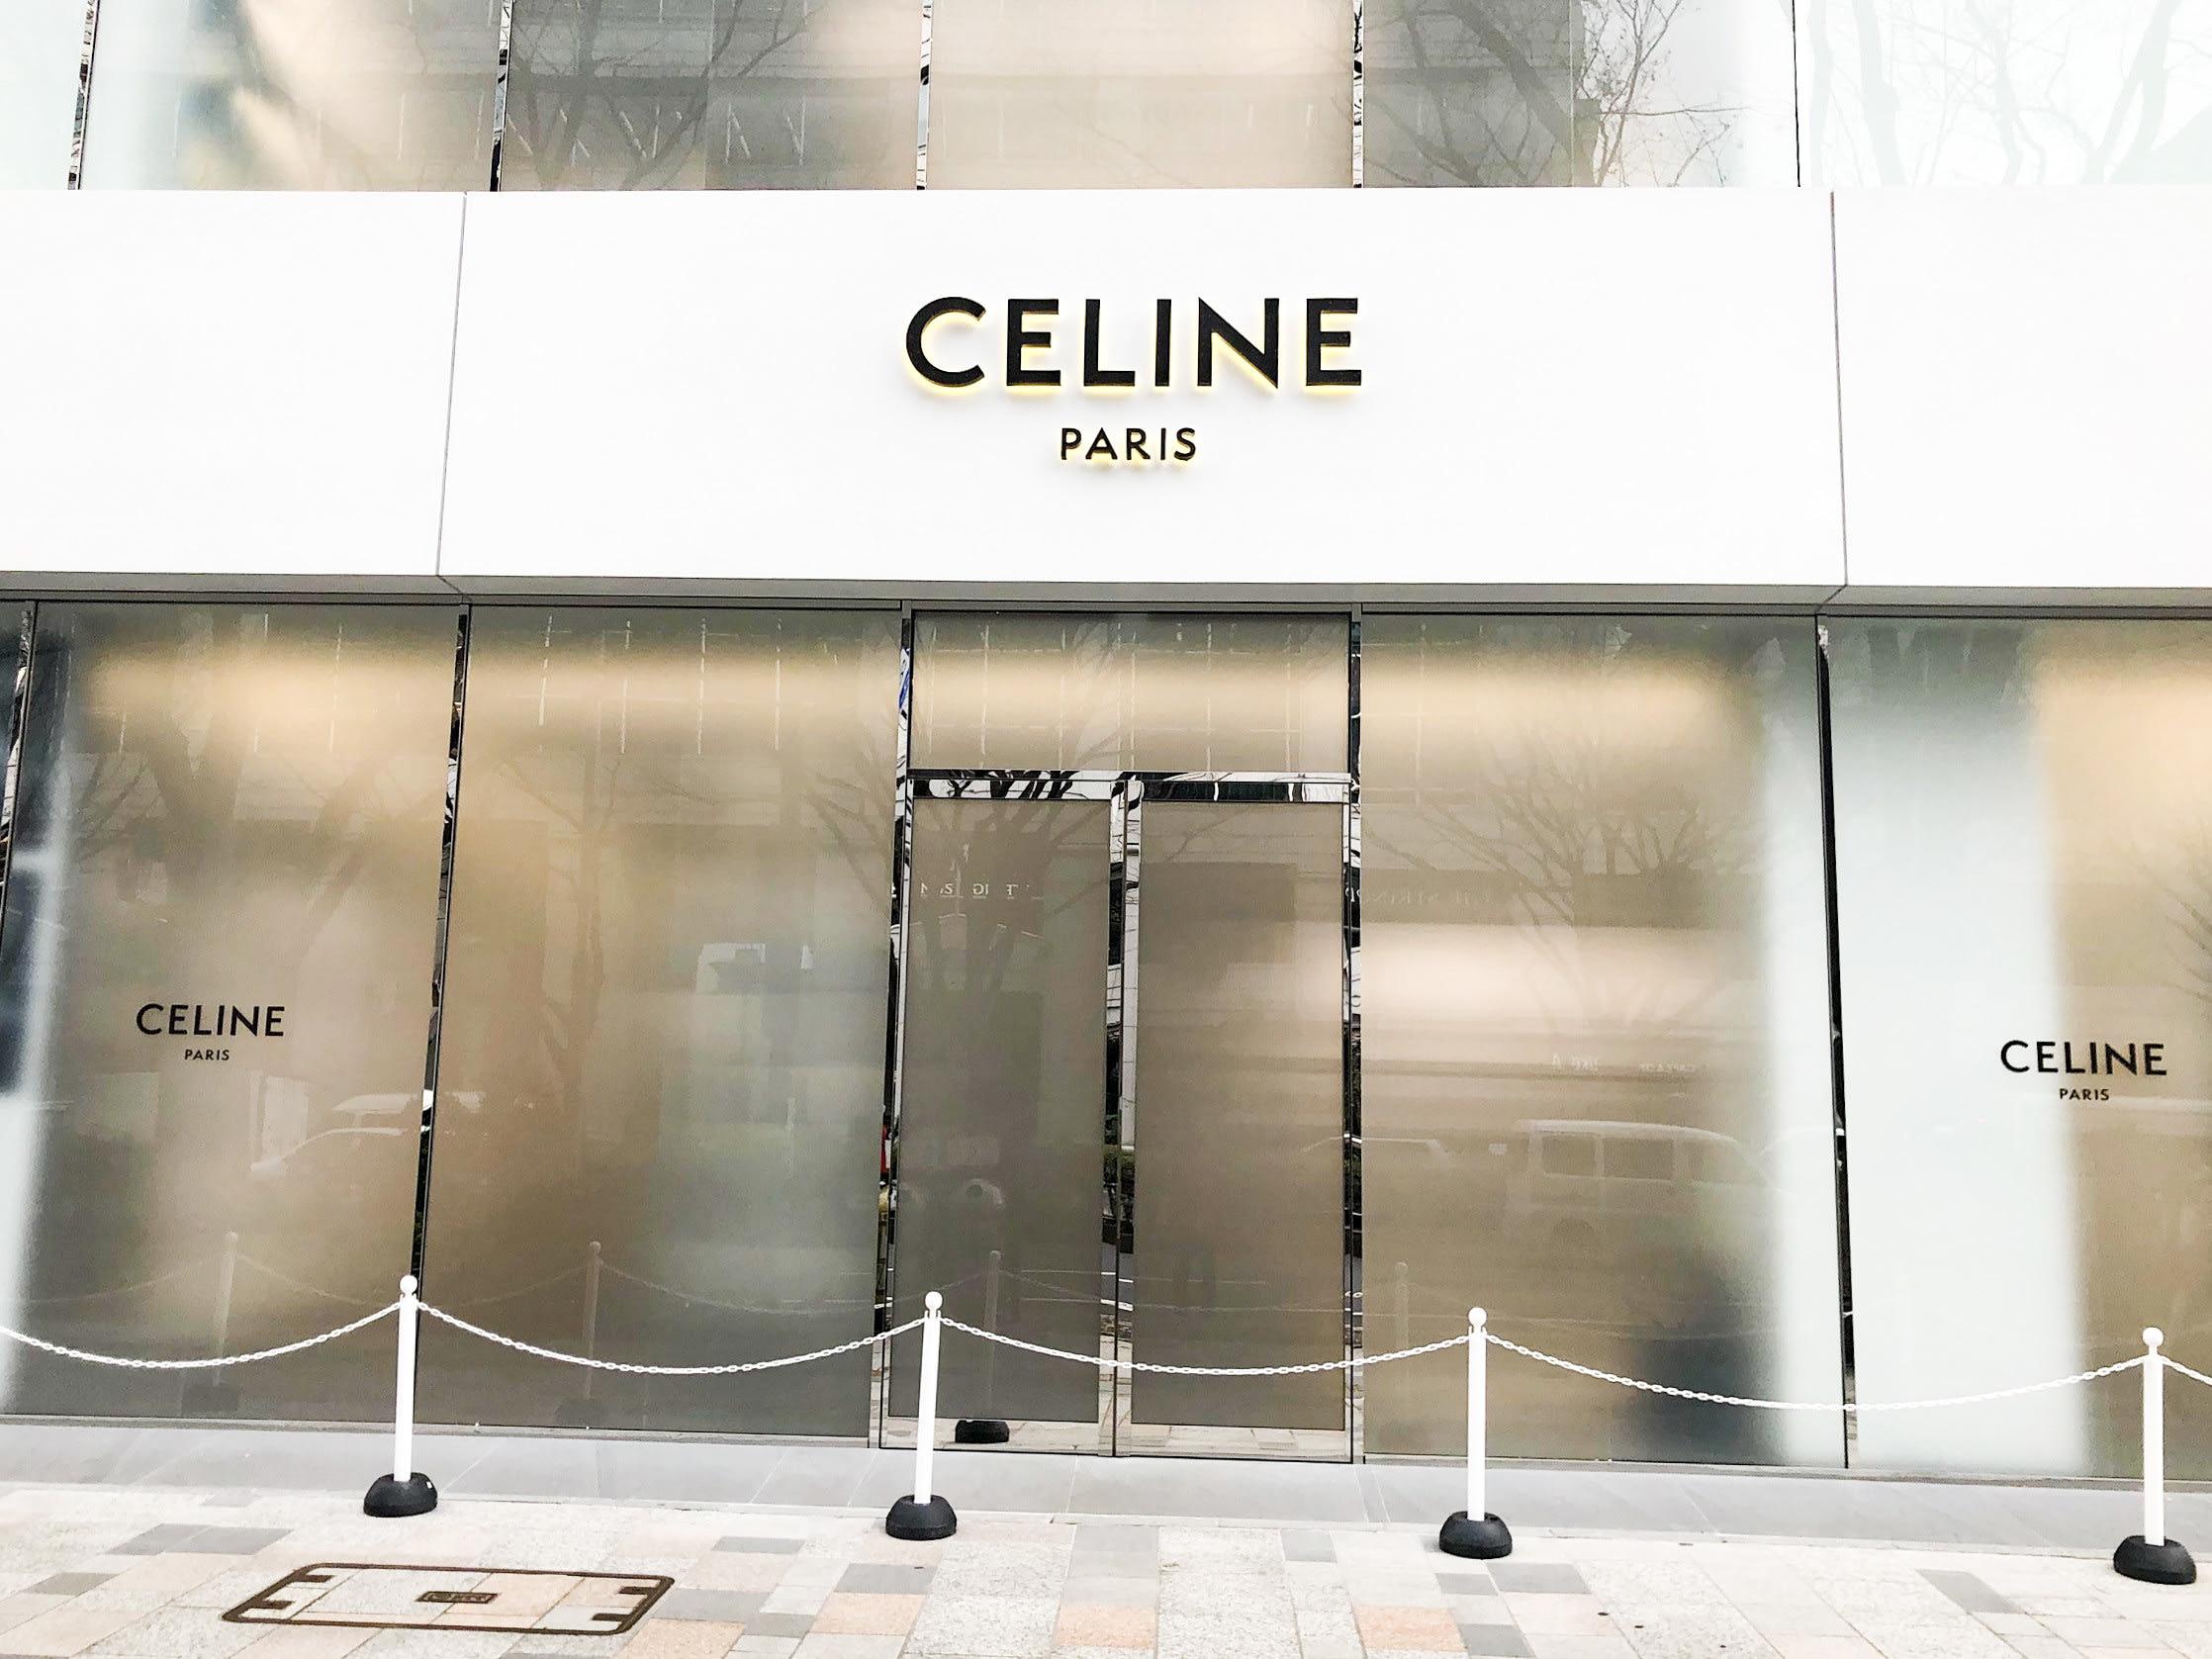 021d82e365b 【2019年2月25日15:20続報】2月27日にそれぞれオープンを予定していた伊勢丹 新宿店メンズ館と阪急メンズ大阪の店舗についても、3月6日に延期すると発表。